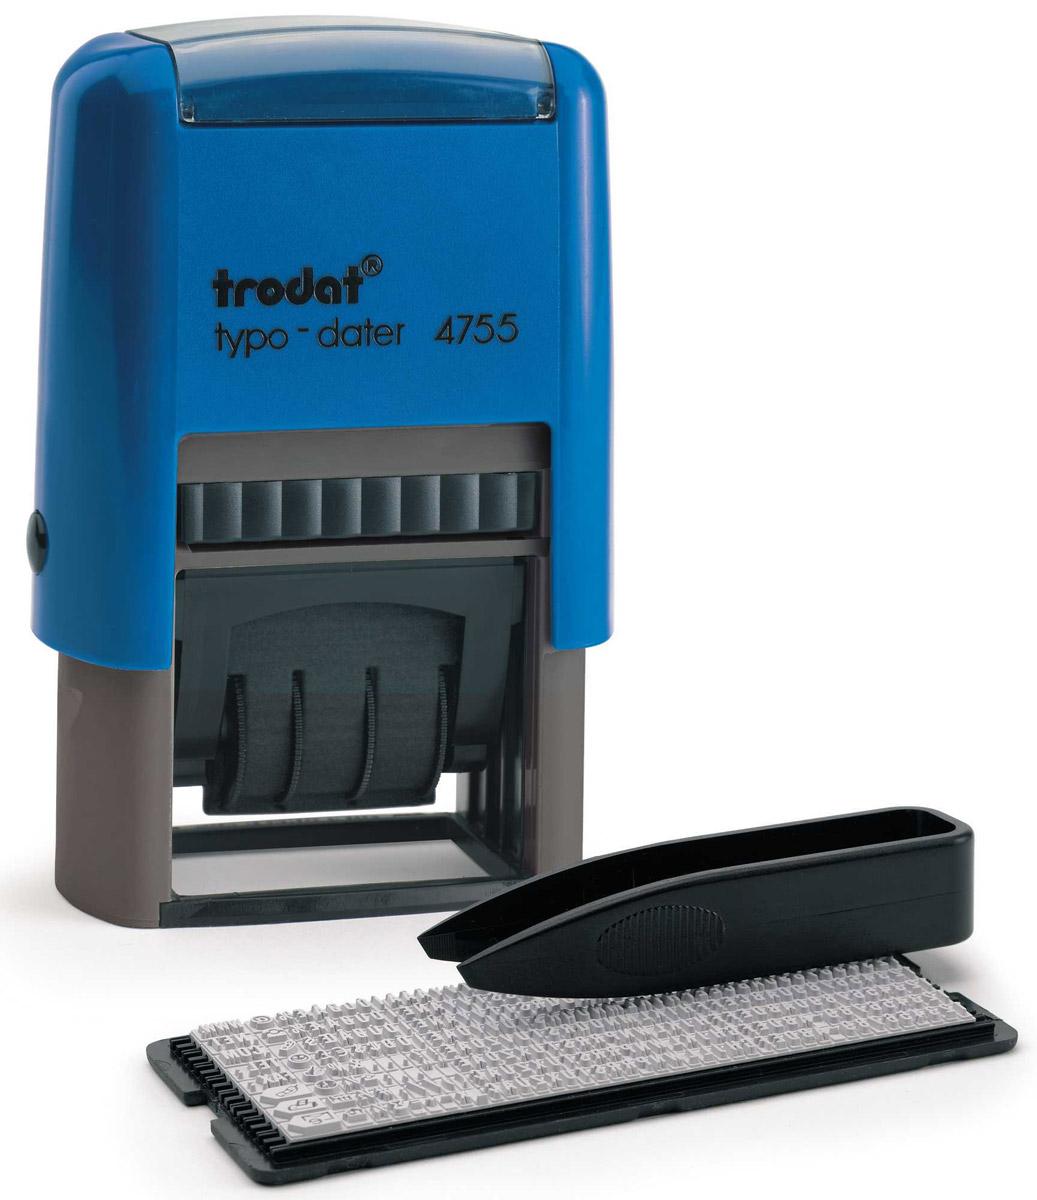 Trodat Датер самонаборный двухстрочный Typo2010440Датер самонаборный двухстрочный Trodat Typo с буквенным отображением месяца будет незаменим в отделе кадров или в бухгалтерии любой компании.Прочный корпус гарантирует долговечное бесперебойное использование. Модель отличается высочайшим удобством в использовании и оптимально ложится в руку благодаря эргономичной ручке. Оттиск проставляется практически бесшумно, легким нажатием руки. Улучшенная конструкция, защитное покрытие лент и видимая площадь печати гарантируют качество и точность оттиска.Автоматическое окрашивание. Дата проставляется в центре, сверху и снизу строки для набора текста без рамки. В комплект также входят сменная двухцветная подушка, пинцет, касса символов.